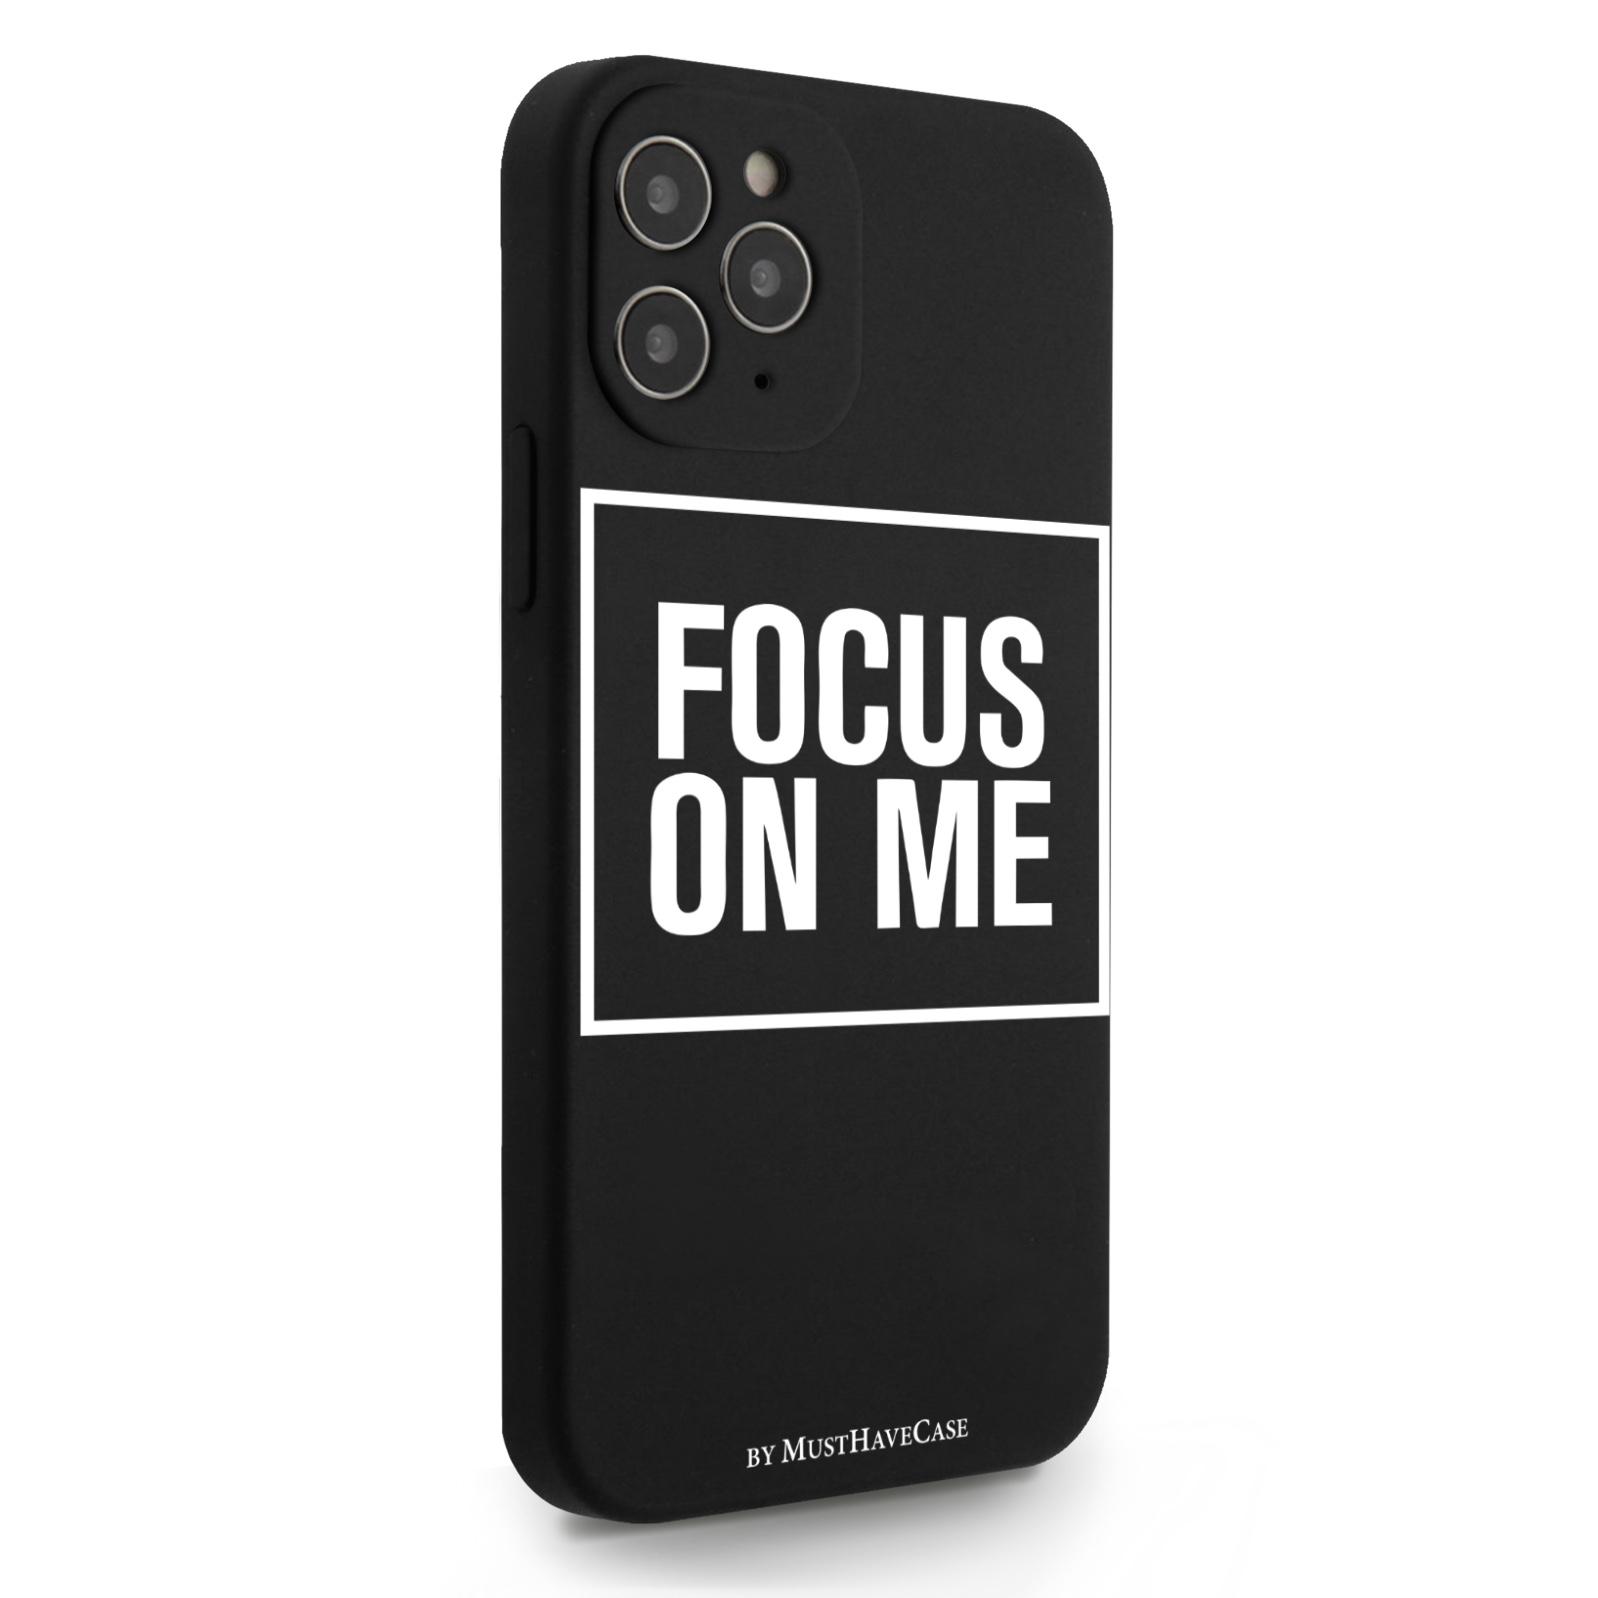 Черный силиконовый чехол для iPhone 12/12 Pro Focus on me для Айфон 12/12 Про